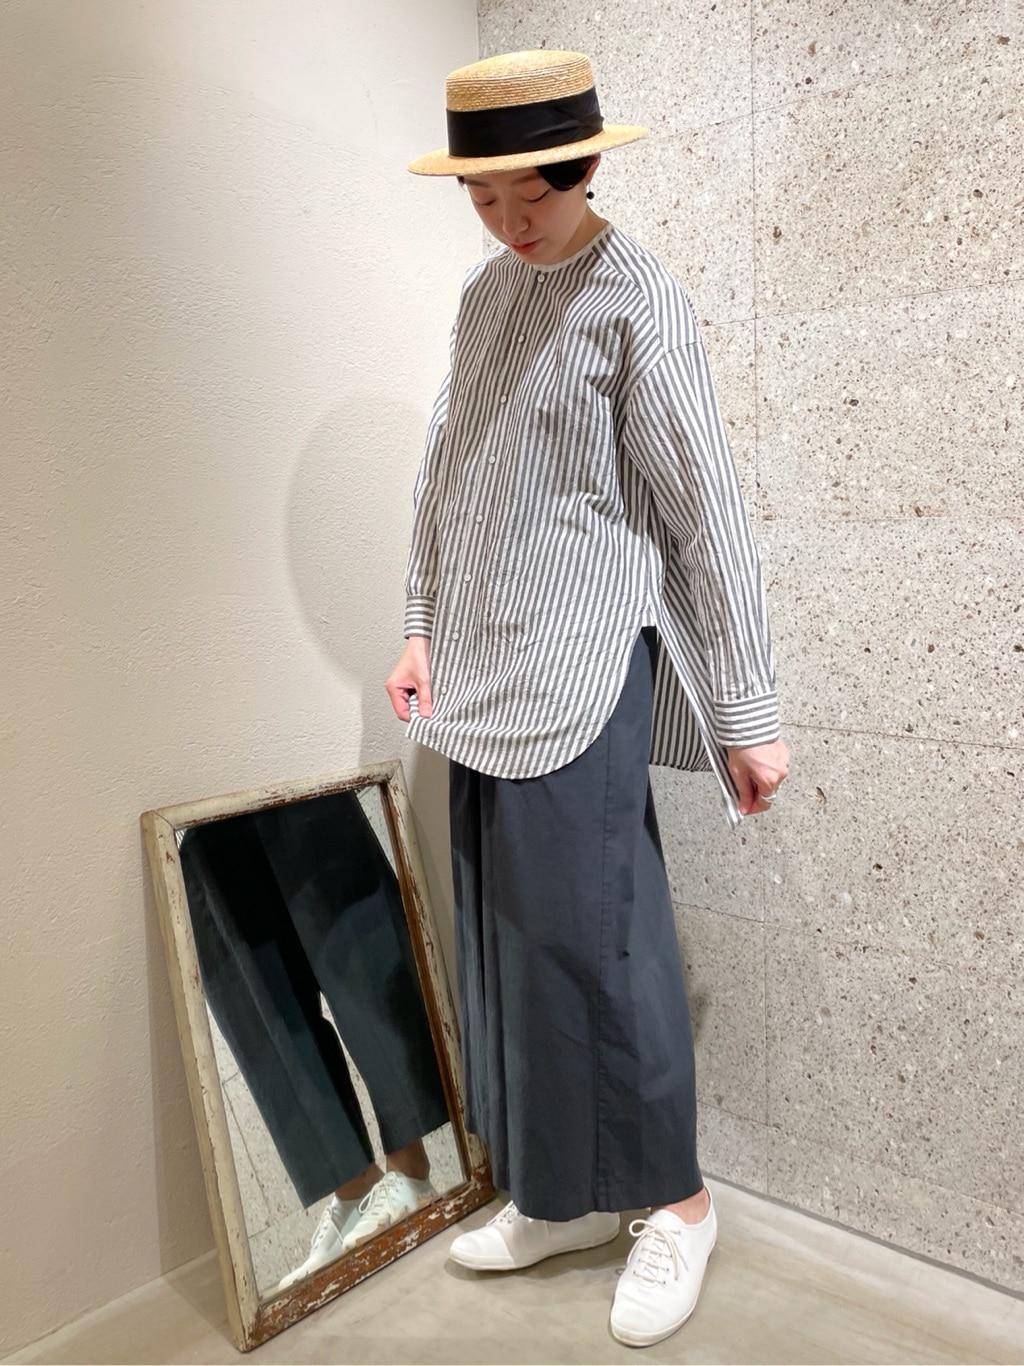 yuni ニュウマン横浜 身長:166cm 2021.04.16